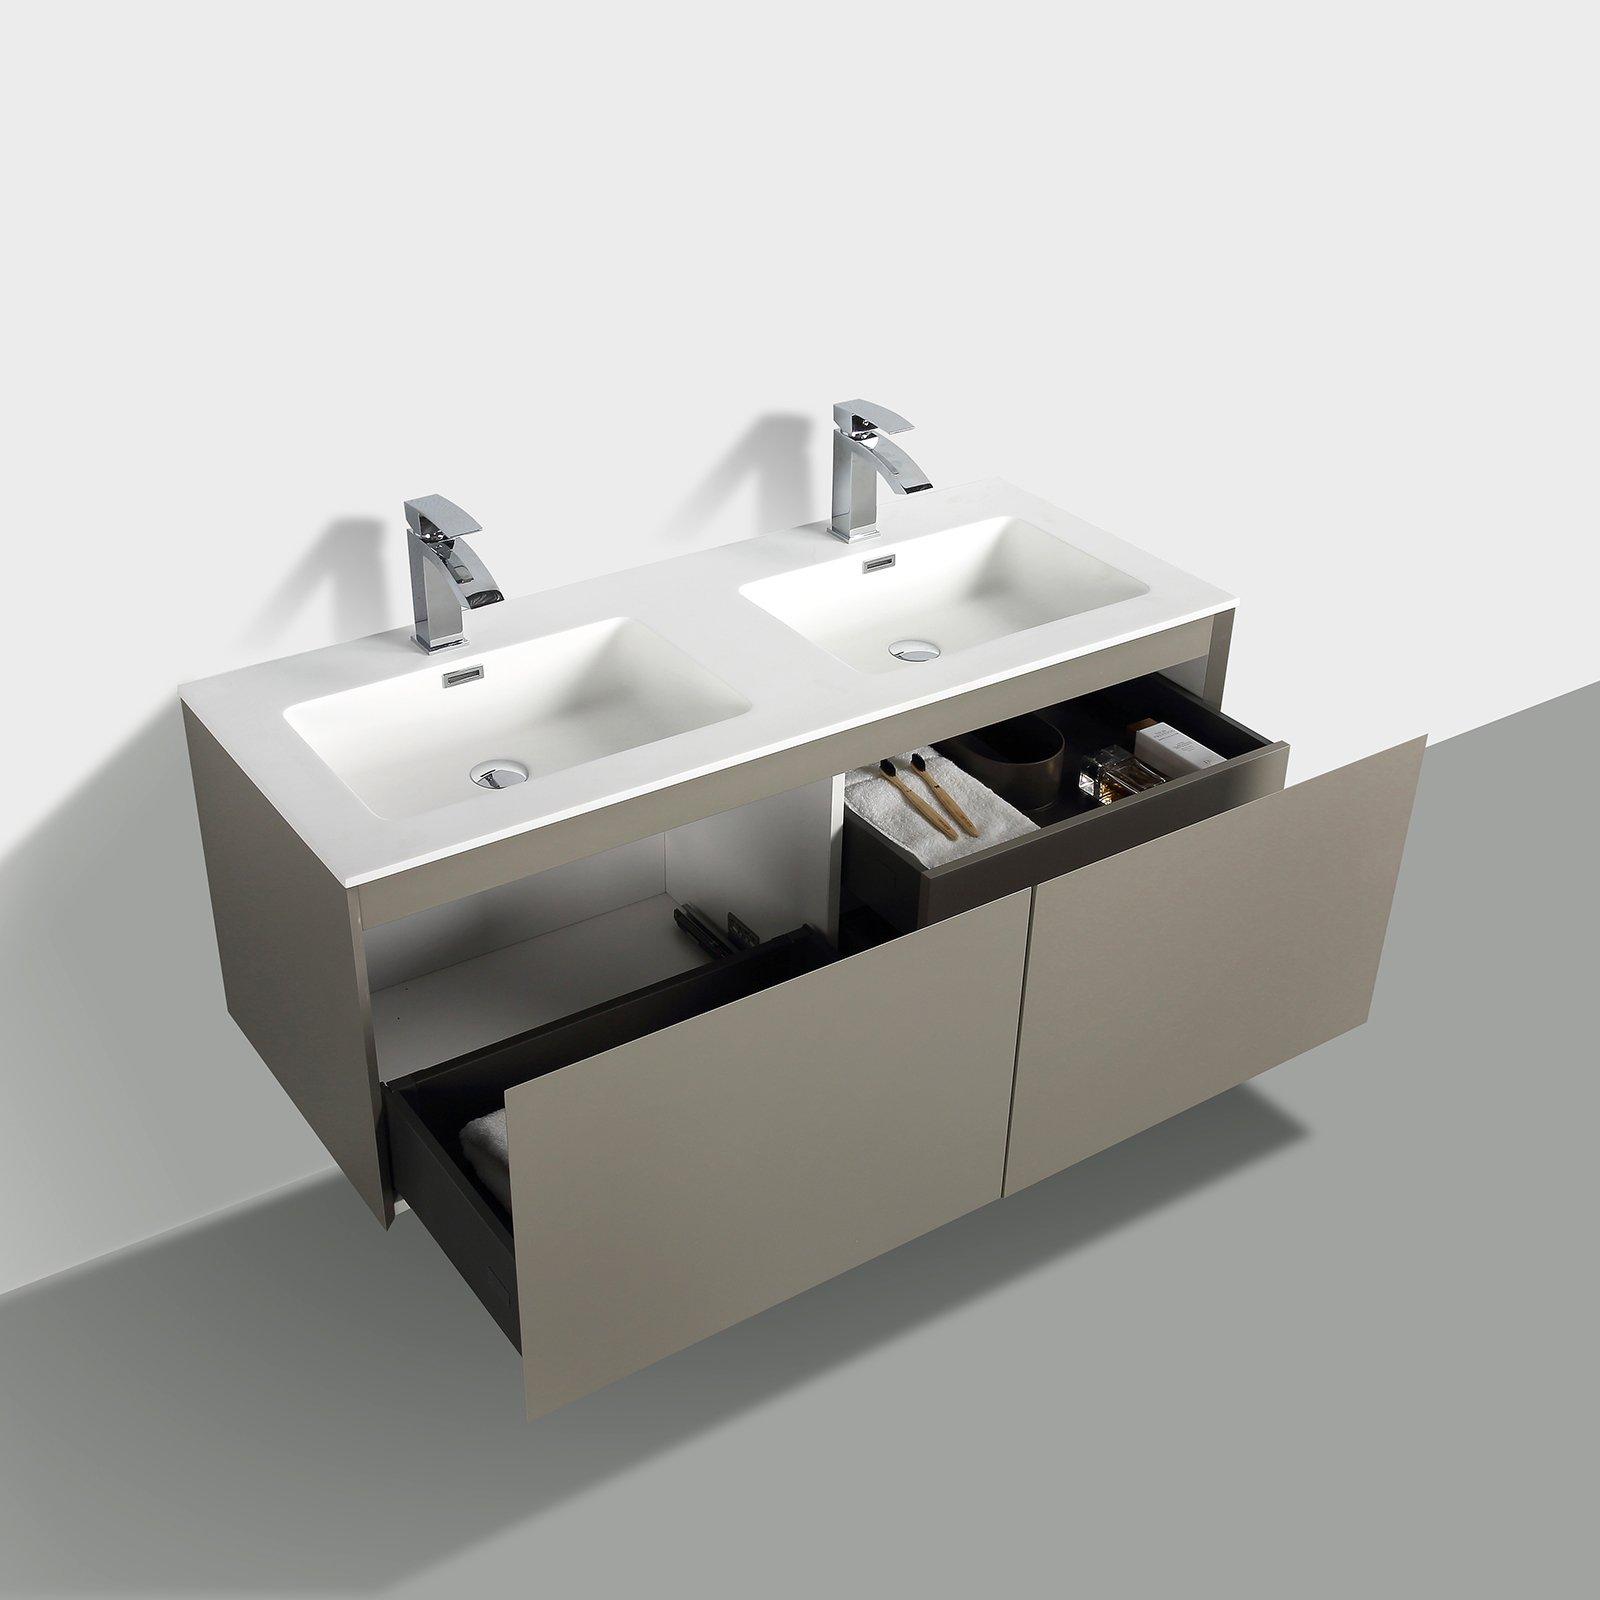 Badmöbel-Set Luna 1200 - optional mit Spiegel und Seitenschrank - verschiedene Farben erhältlich